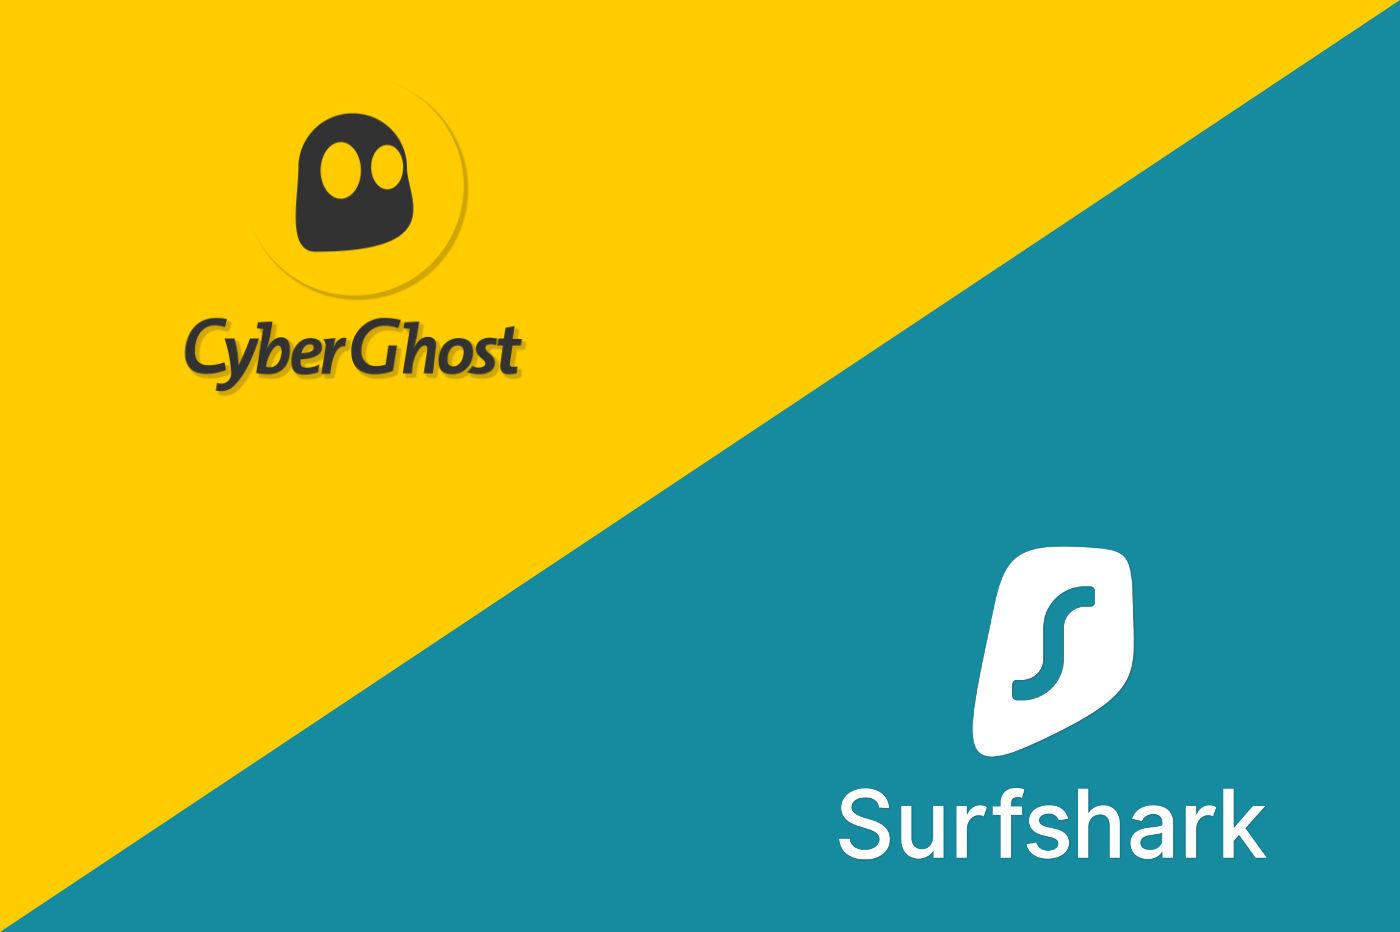 CyberGhost vs Surfshark